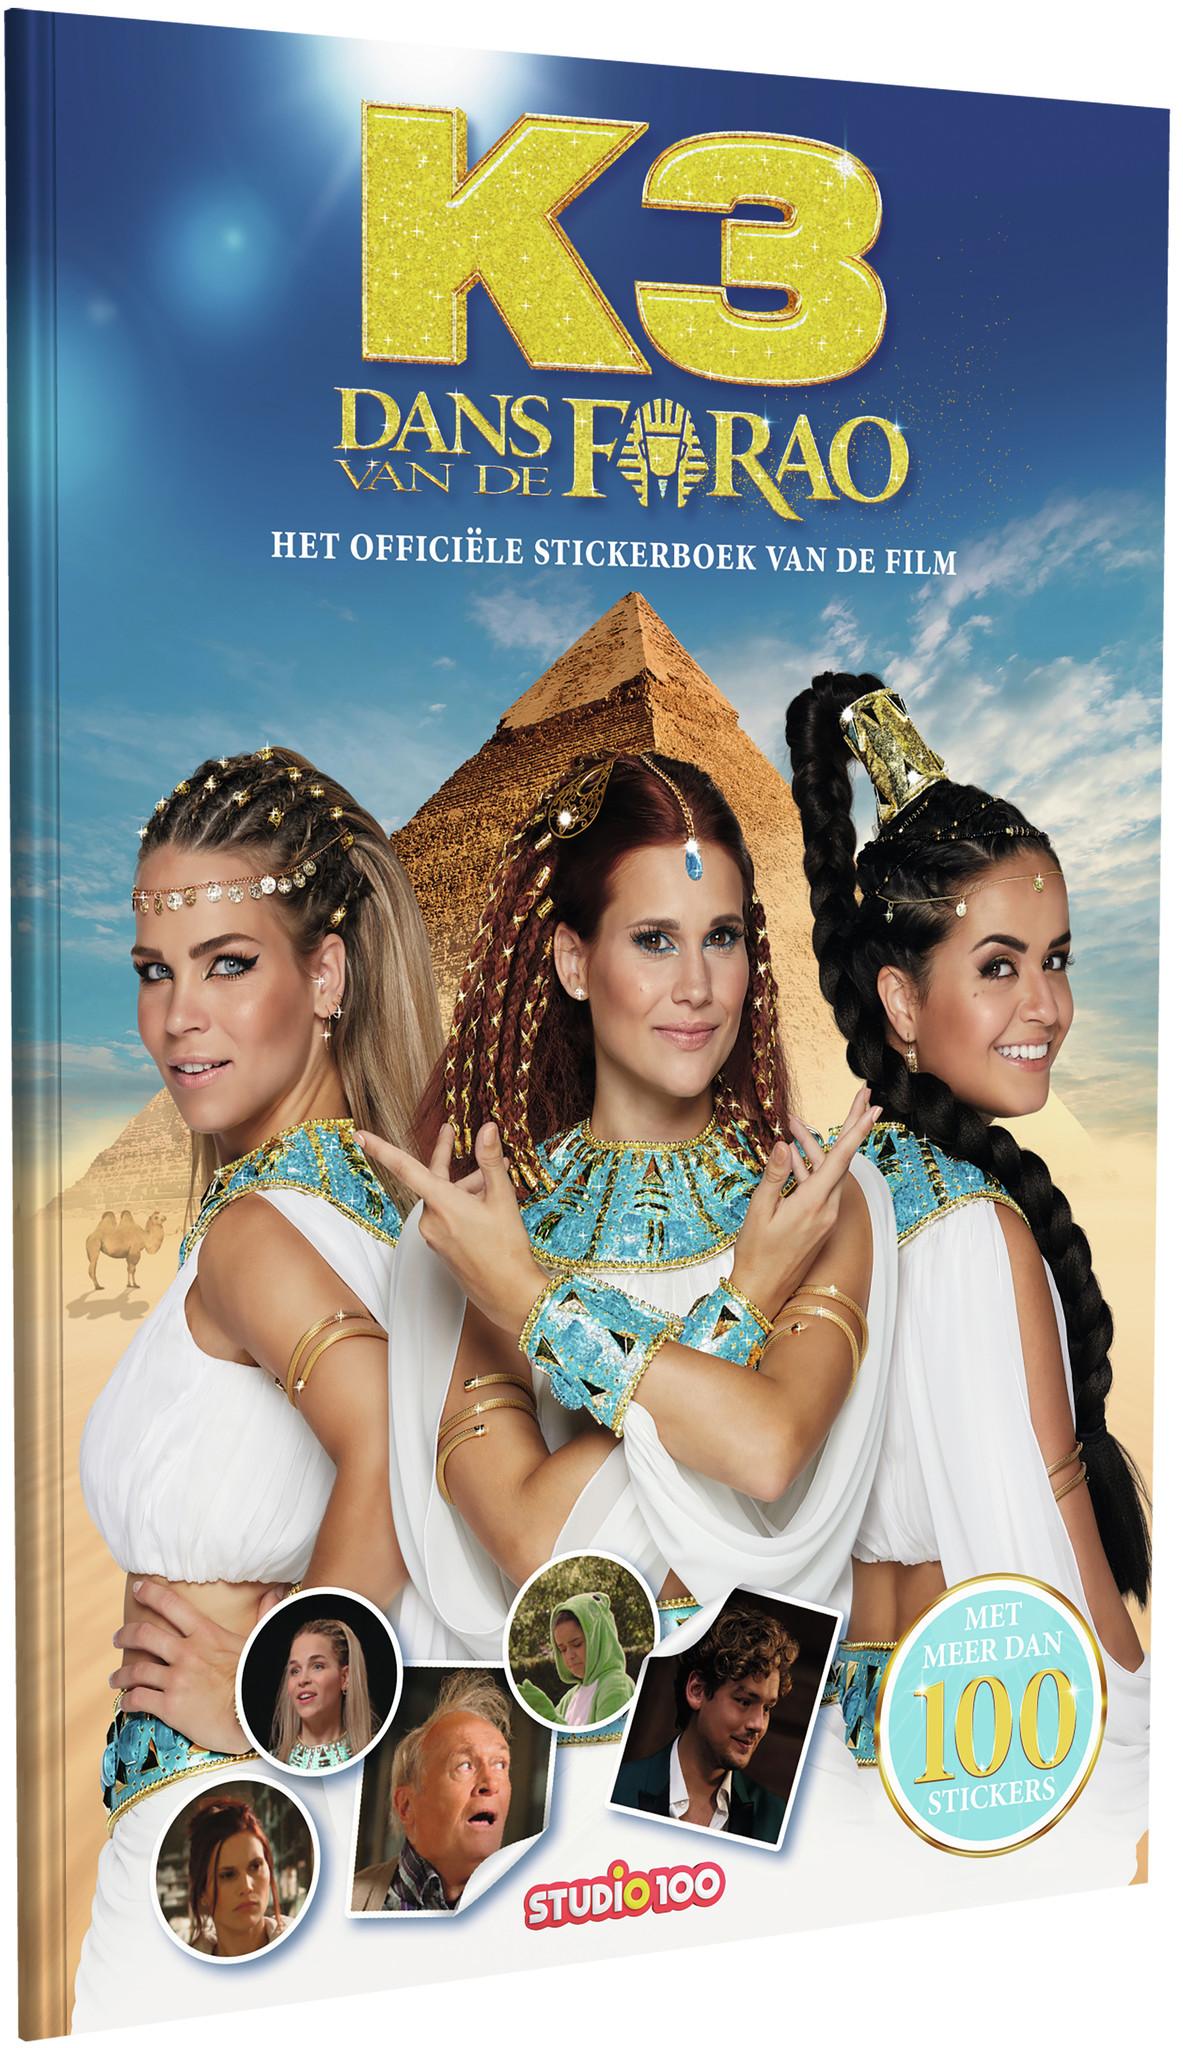 Stickerboek K3: dans van de Farao